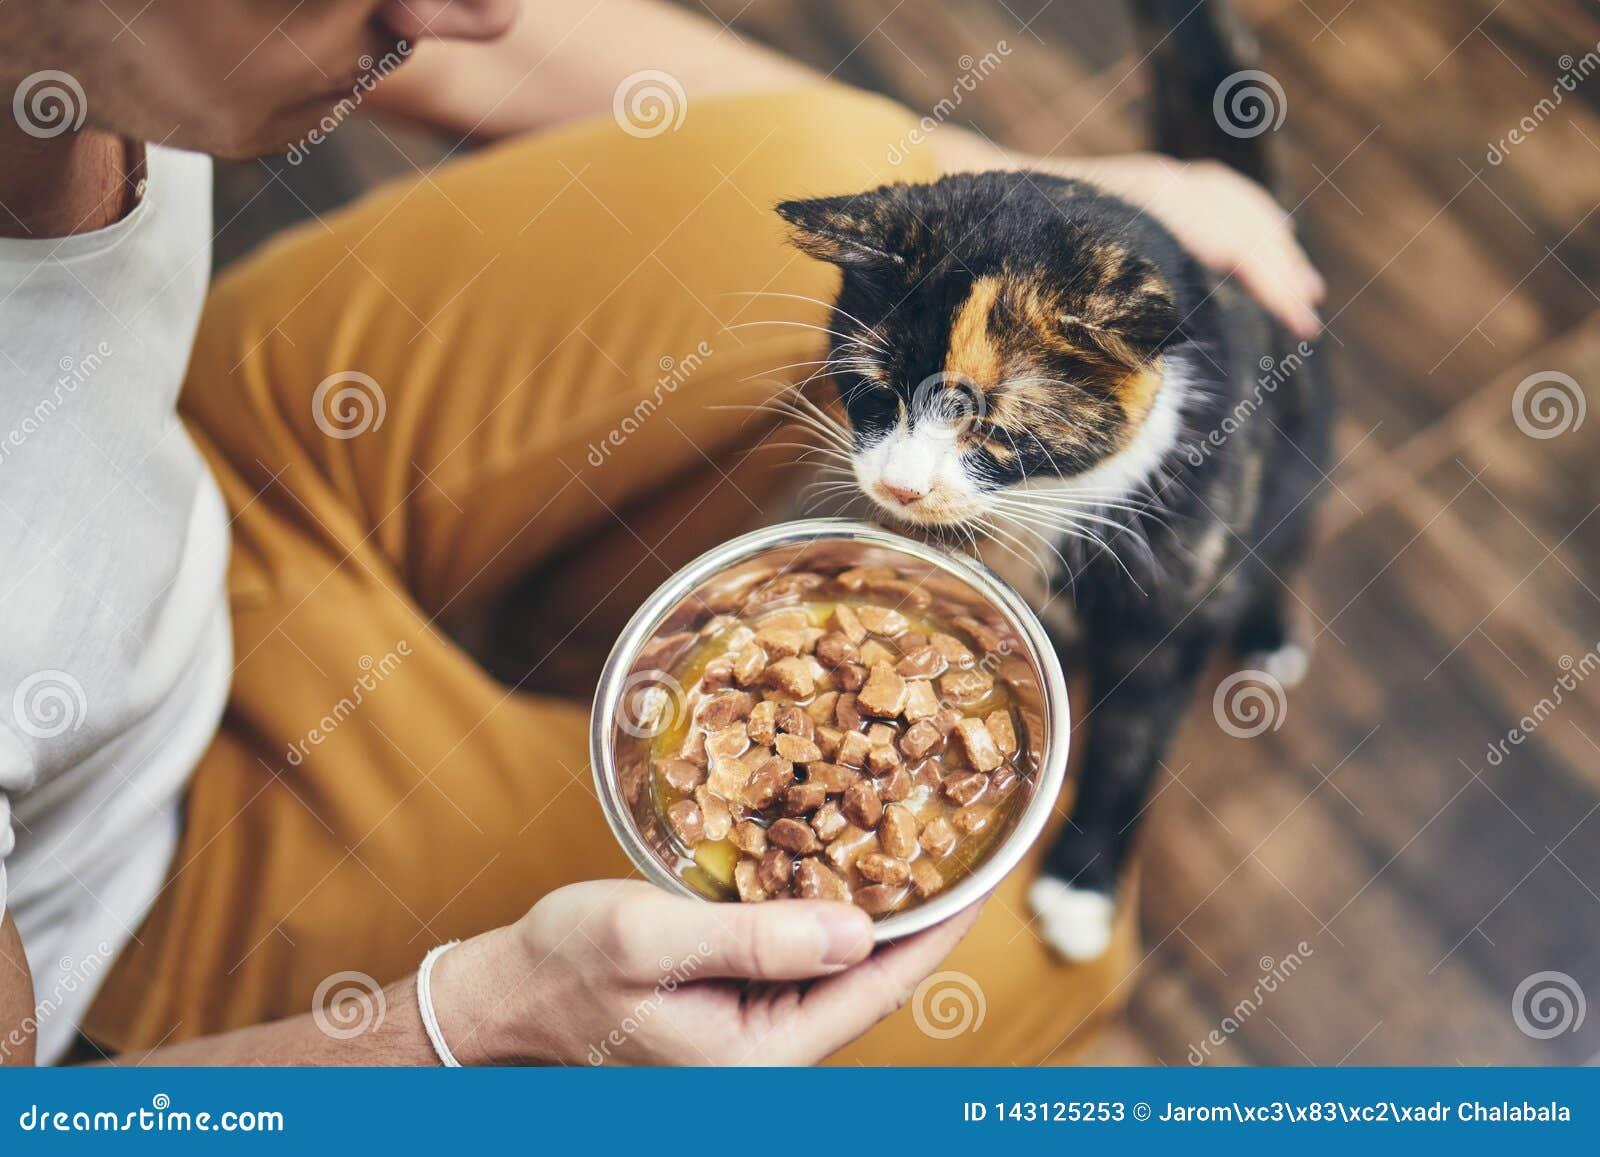 Het binnenlandse leven met kat